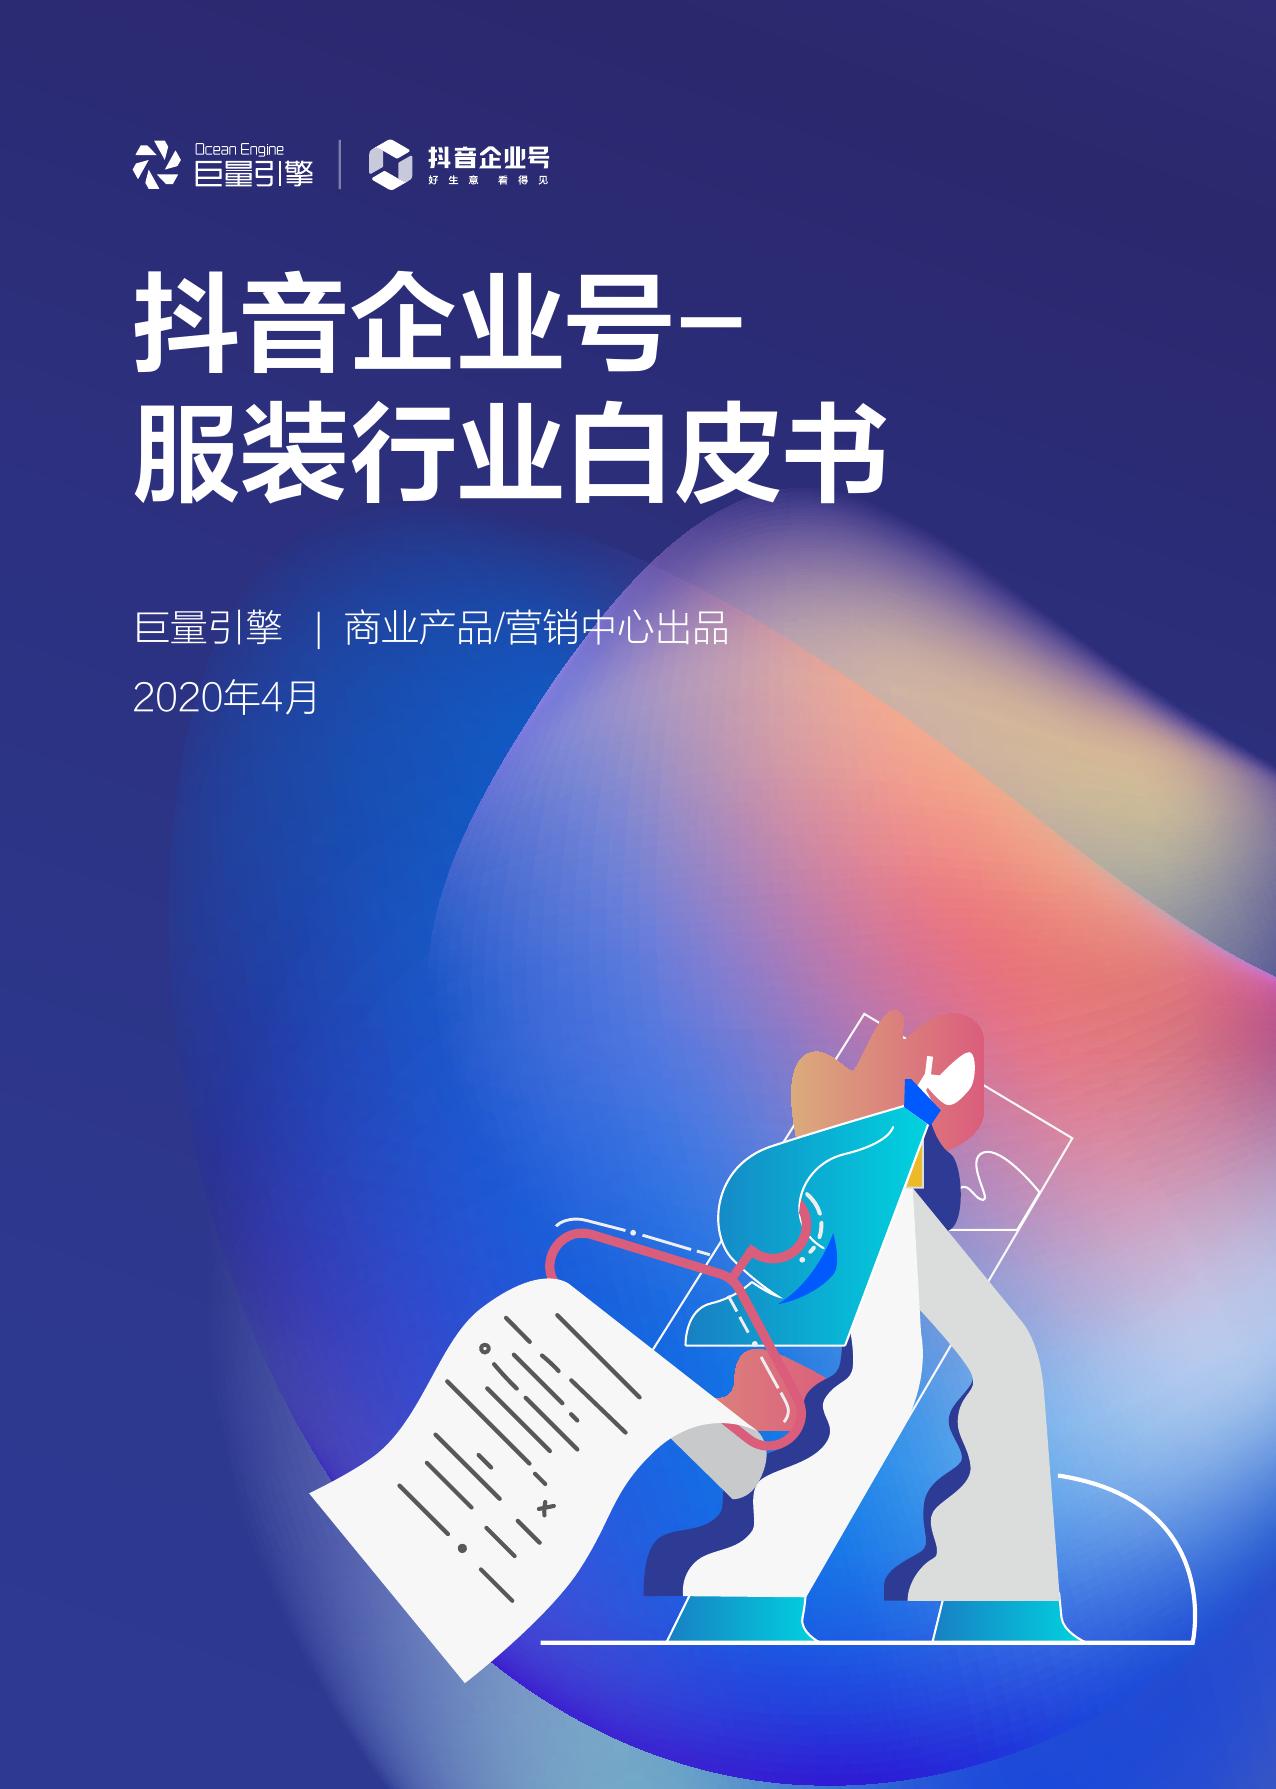 抖音企业号:2020服装行业白皮书(附下载)